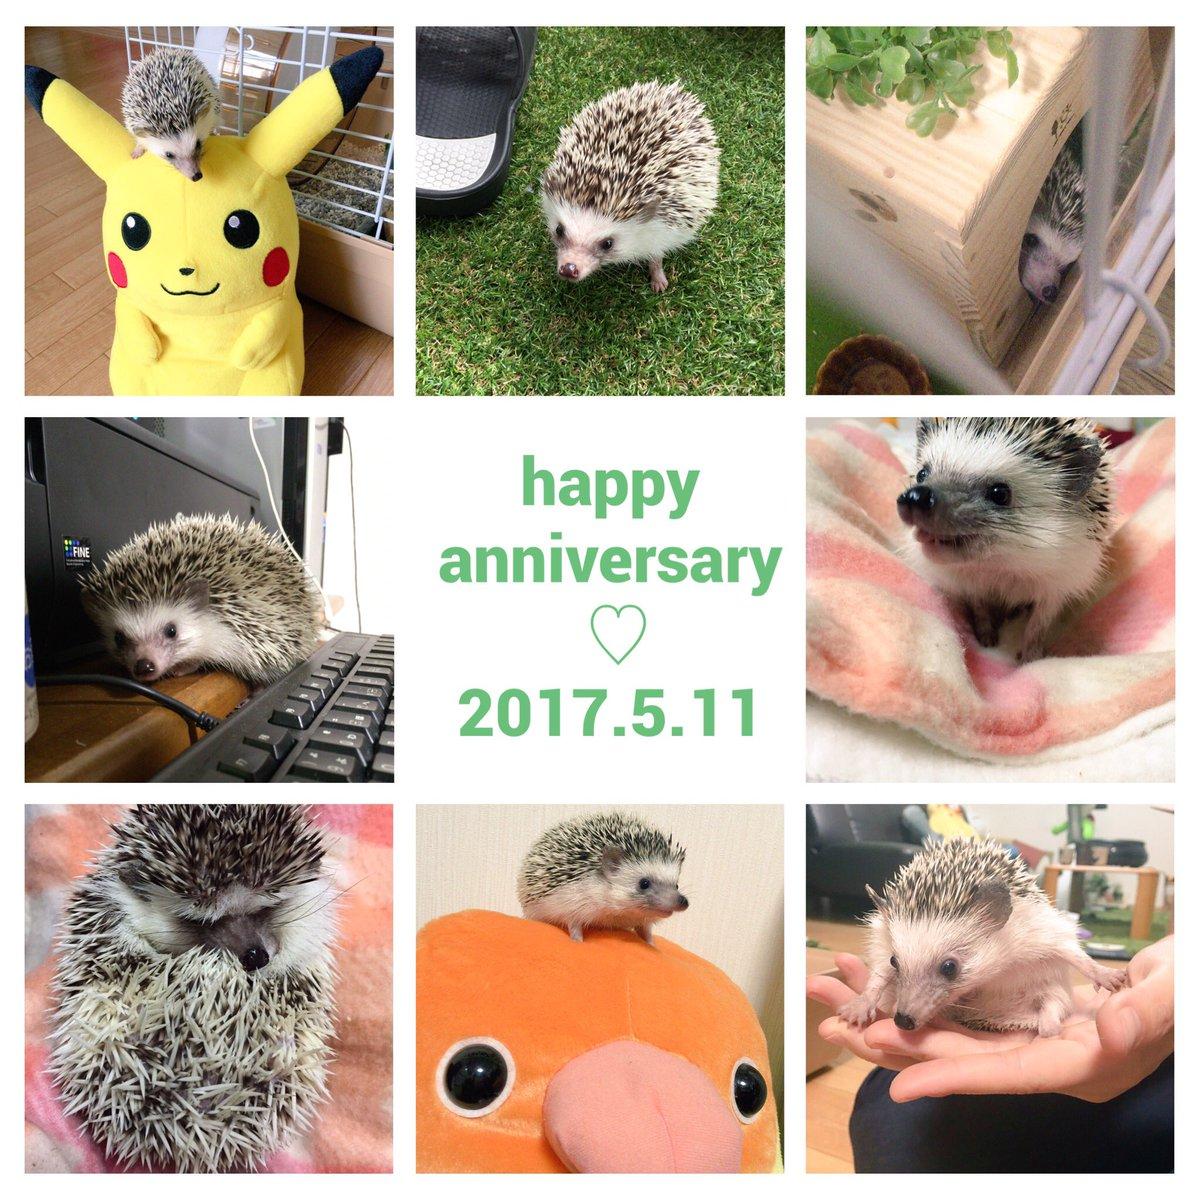 松太郎が我が家に来て、早いものでもう1年が経ちました。1年間、毎日癒されて本当に幸せいっぱいでした。相変わらずおケツは見